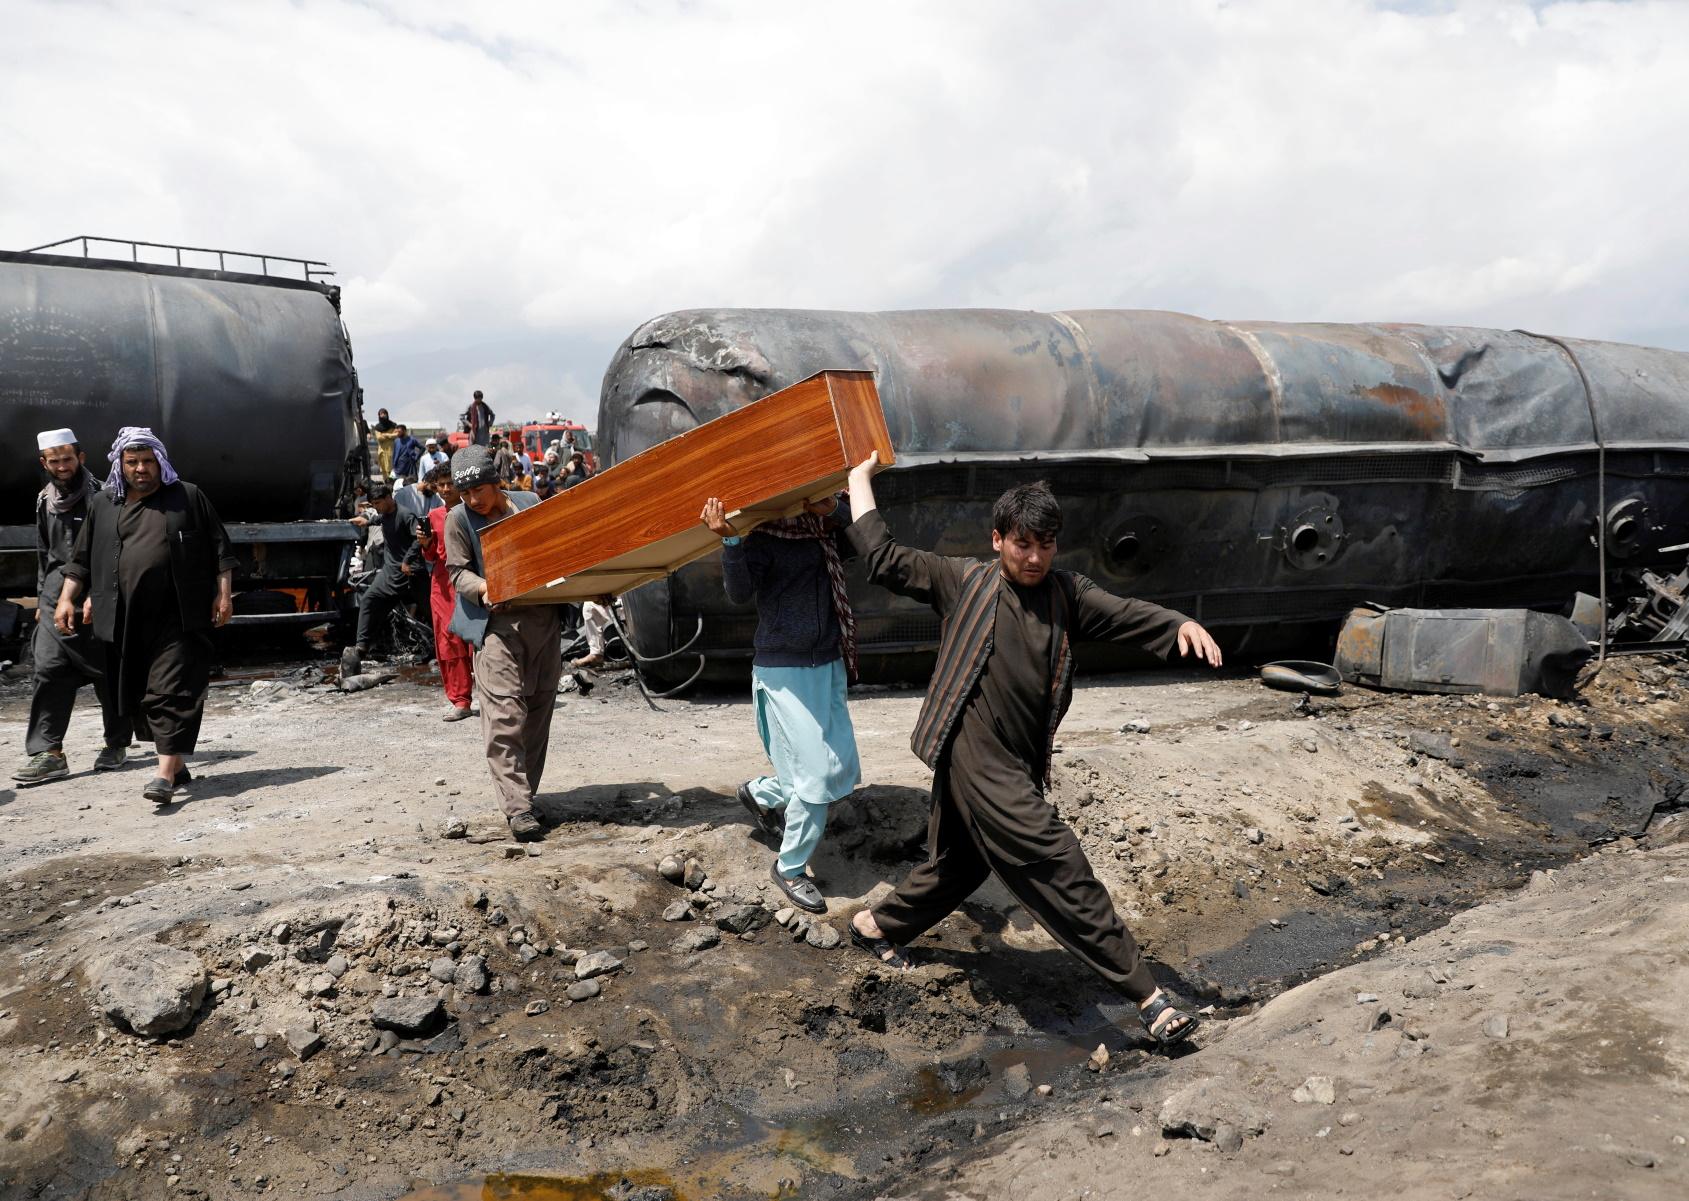 Αφγανιστάν: Πολύνεκρες μάχες με την έναρξη αποχώρησης των Αμερικανών – 100 νεκροί Ταλιμπάν (pics)